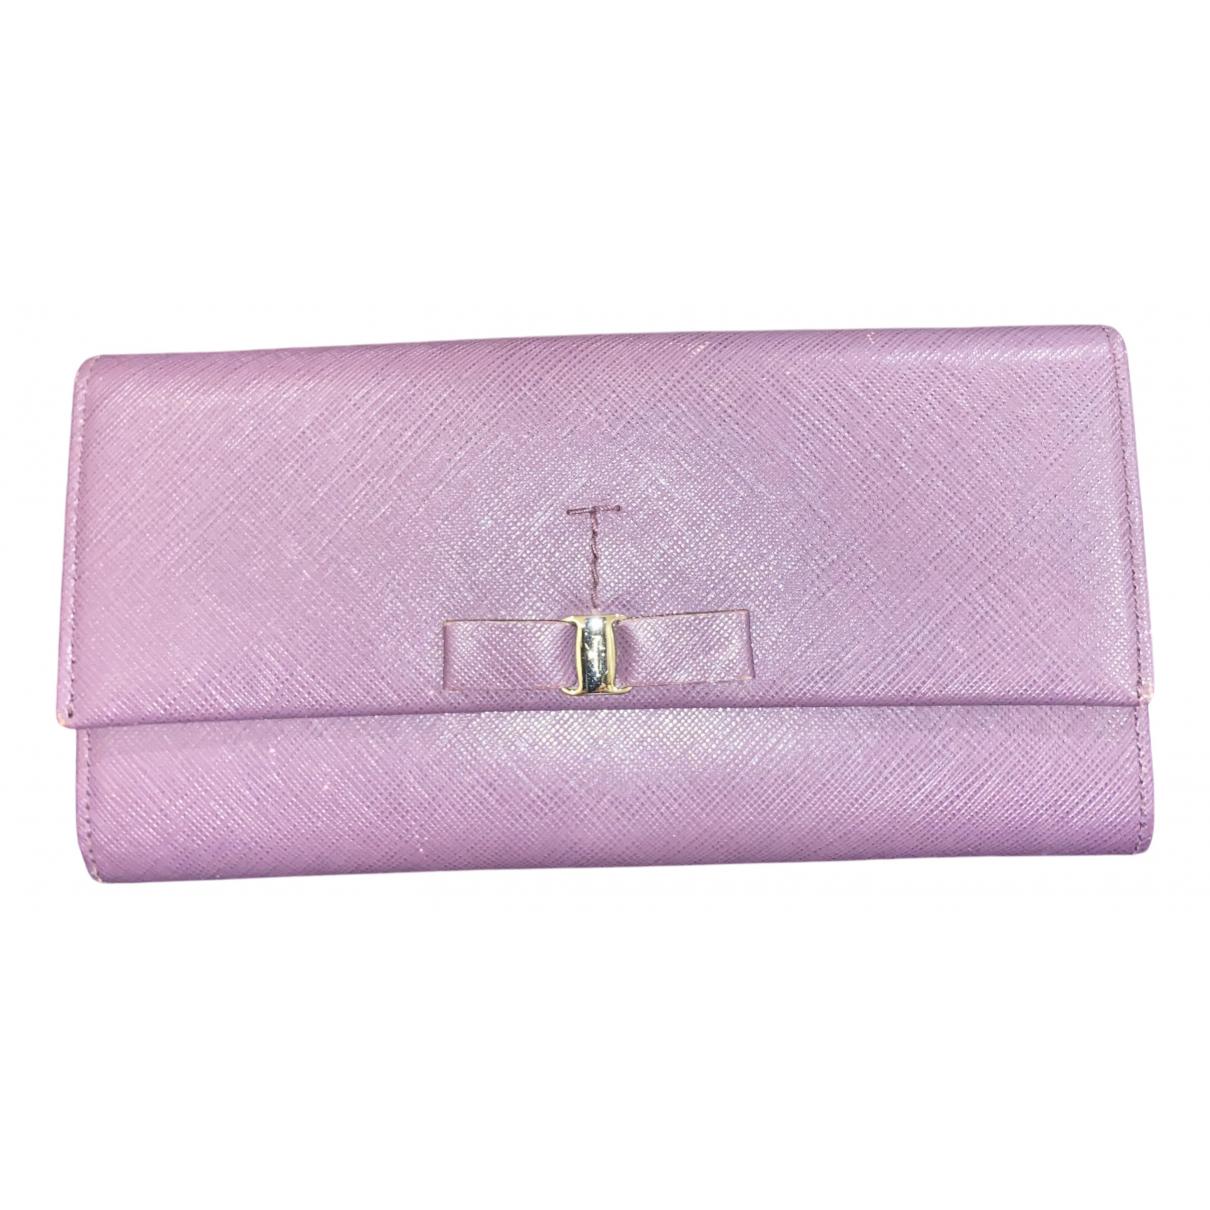 Salvatore Ferragamo \N Purple Leather wallet for Women \N